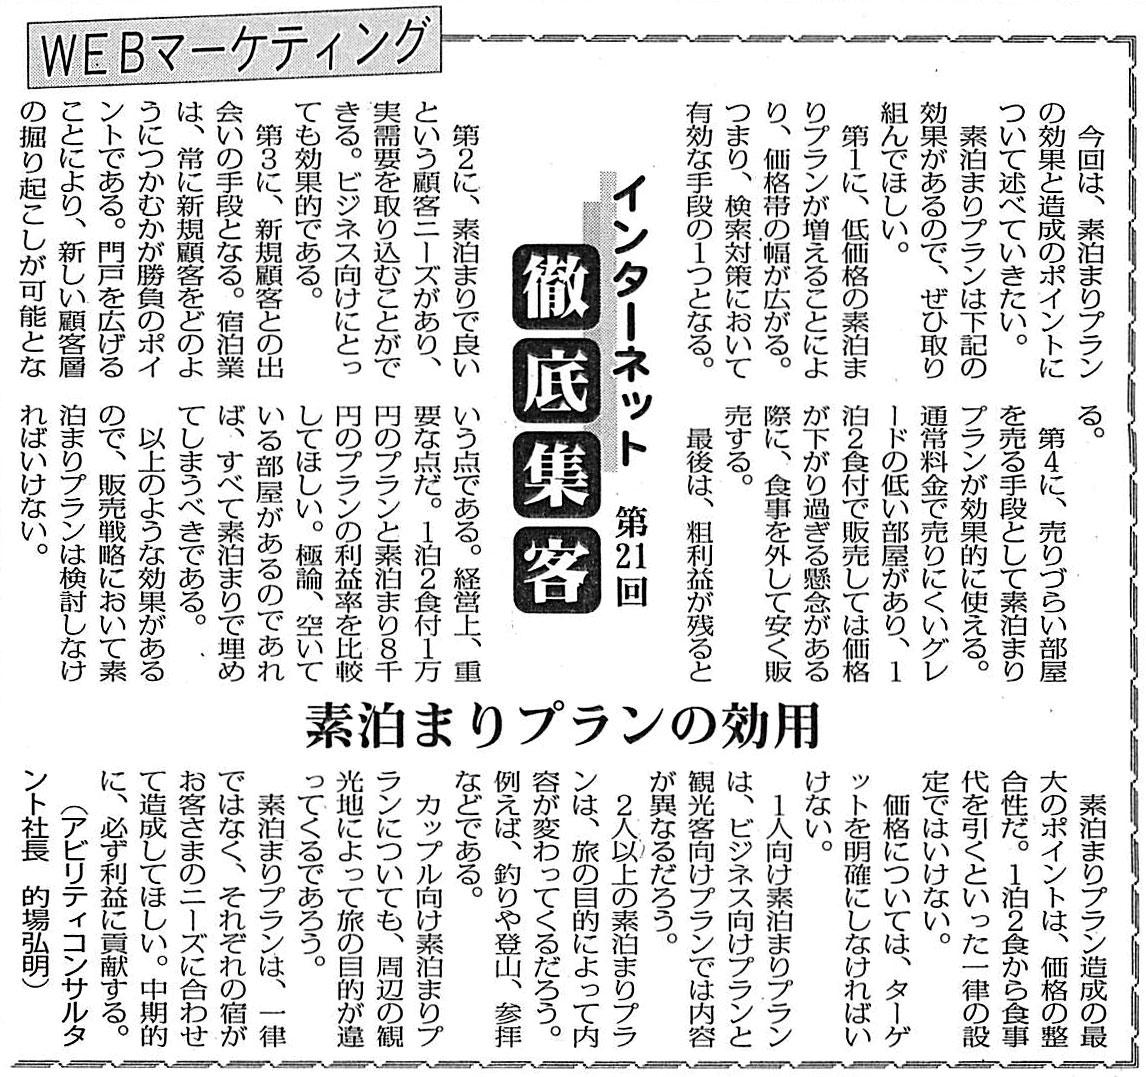 【第21回】WEBマーケティング 素泊まりプランの効用